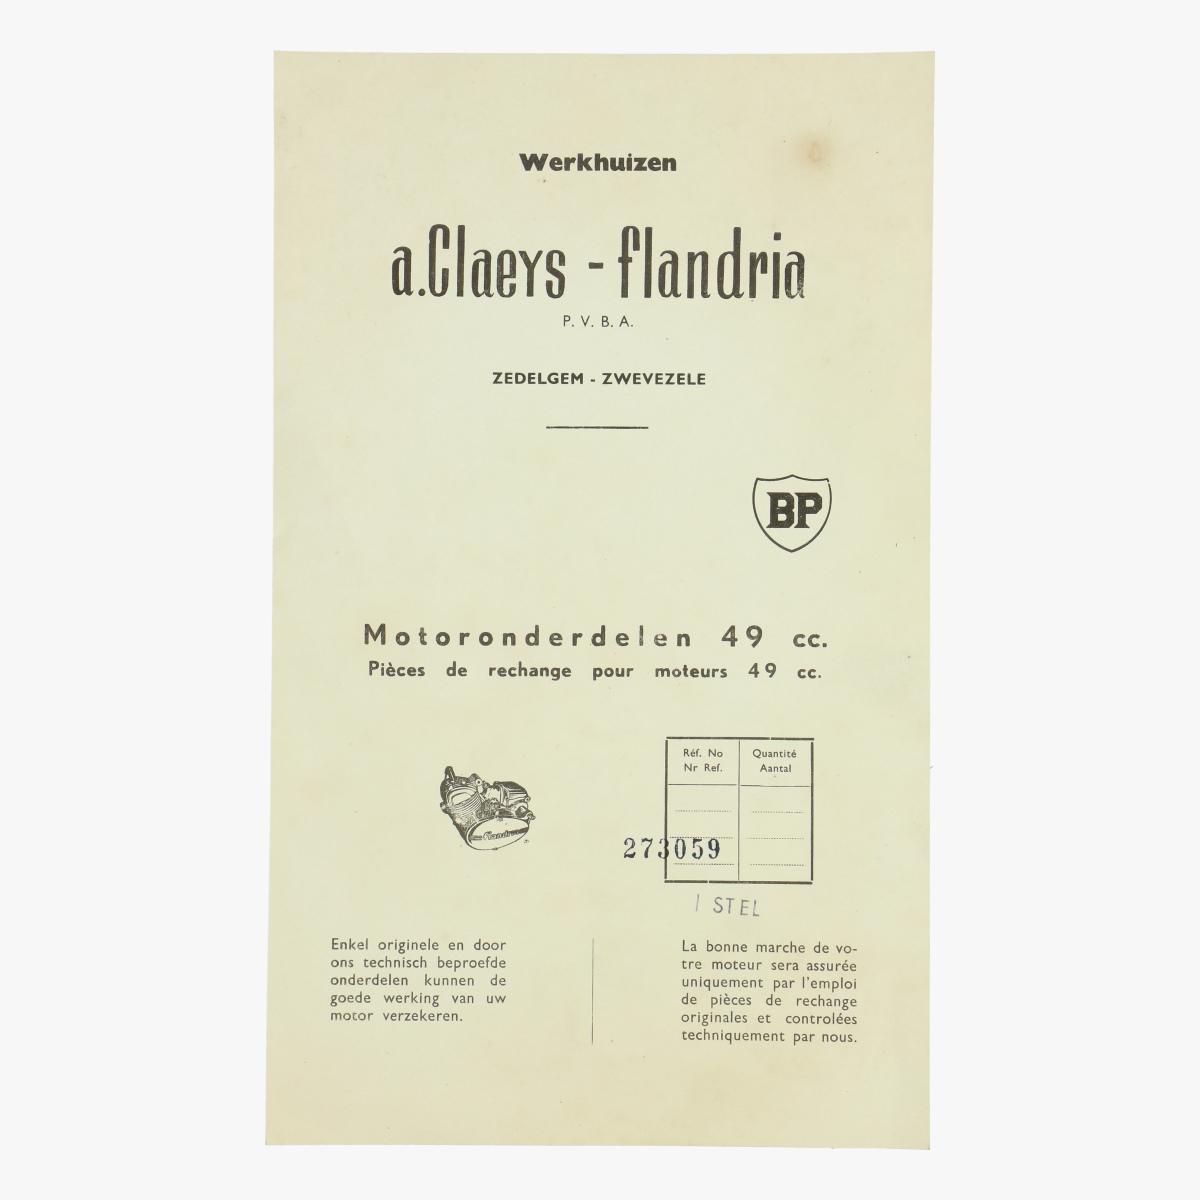 Afbeeldingen van werkhuizen a.Claeys-Flandria motoronderdelen 49 cc